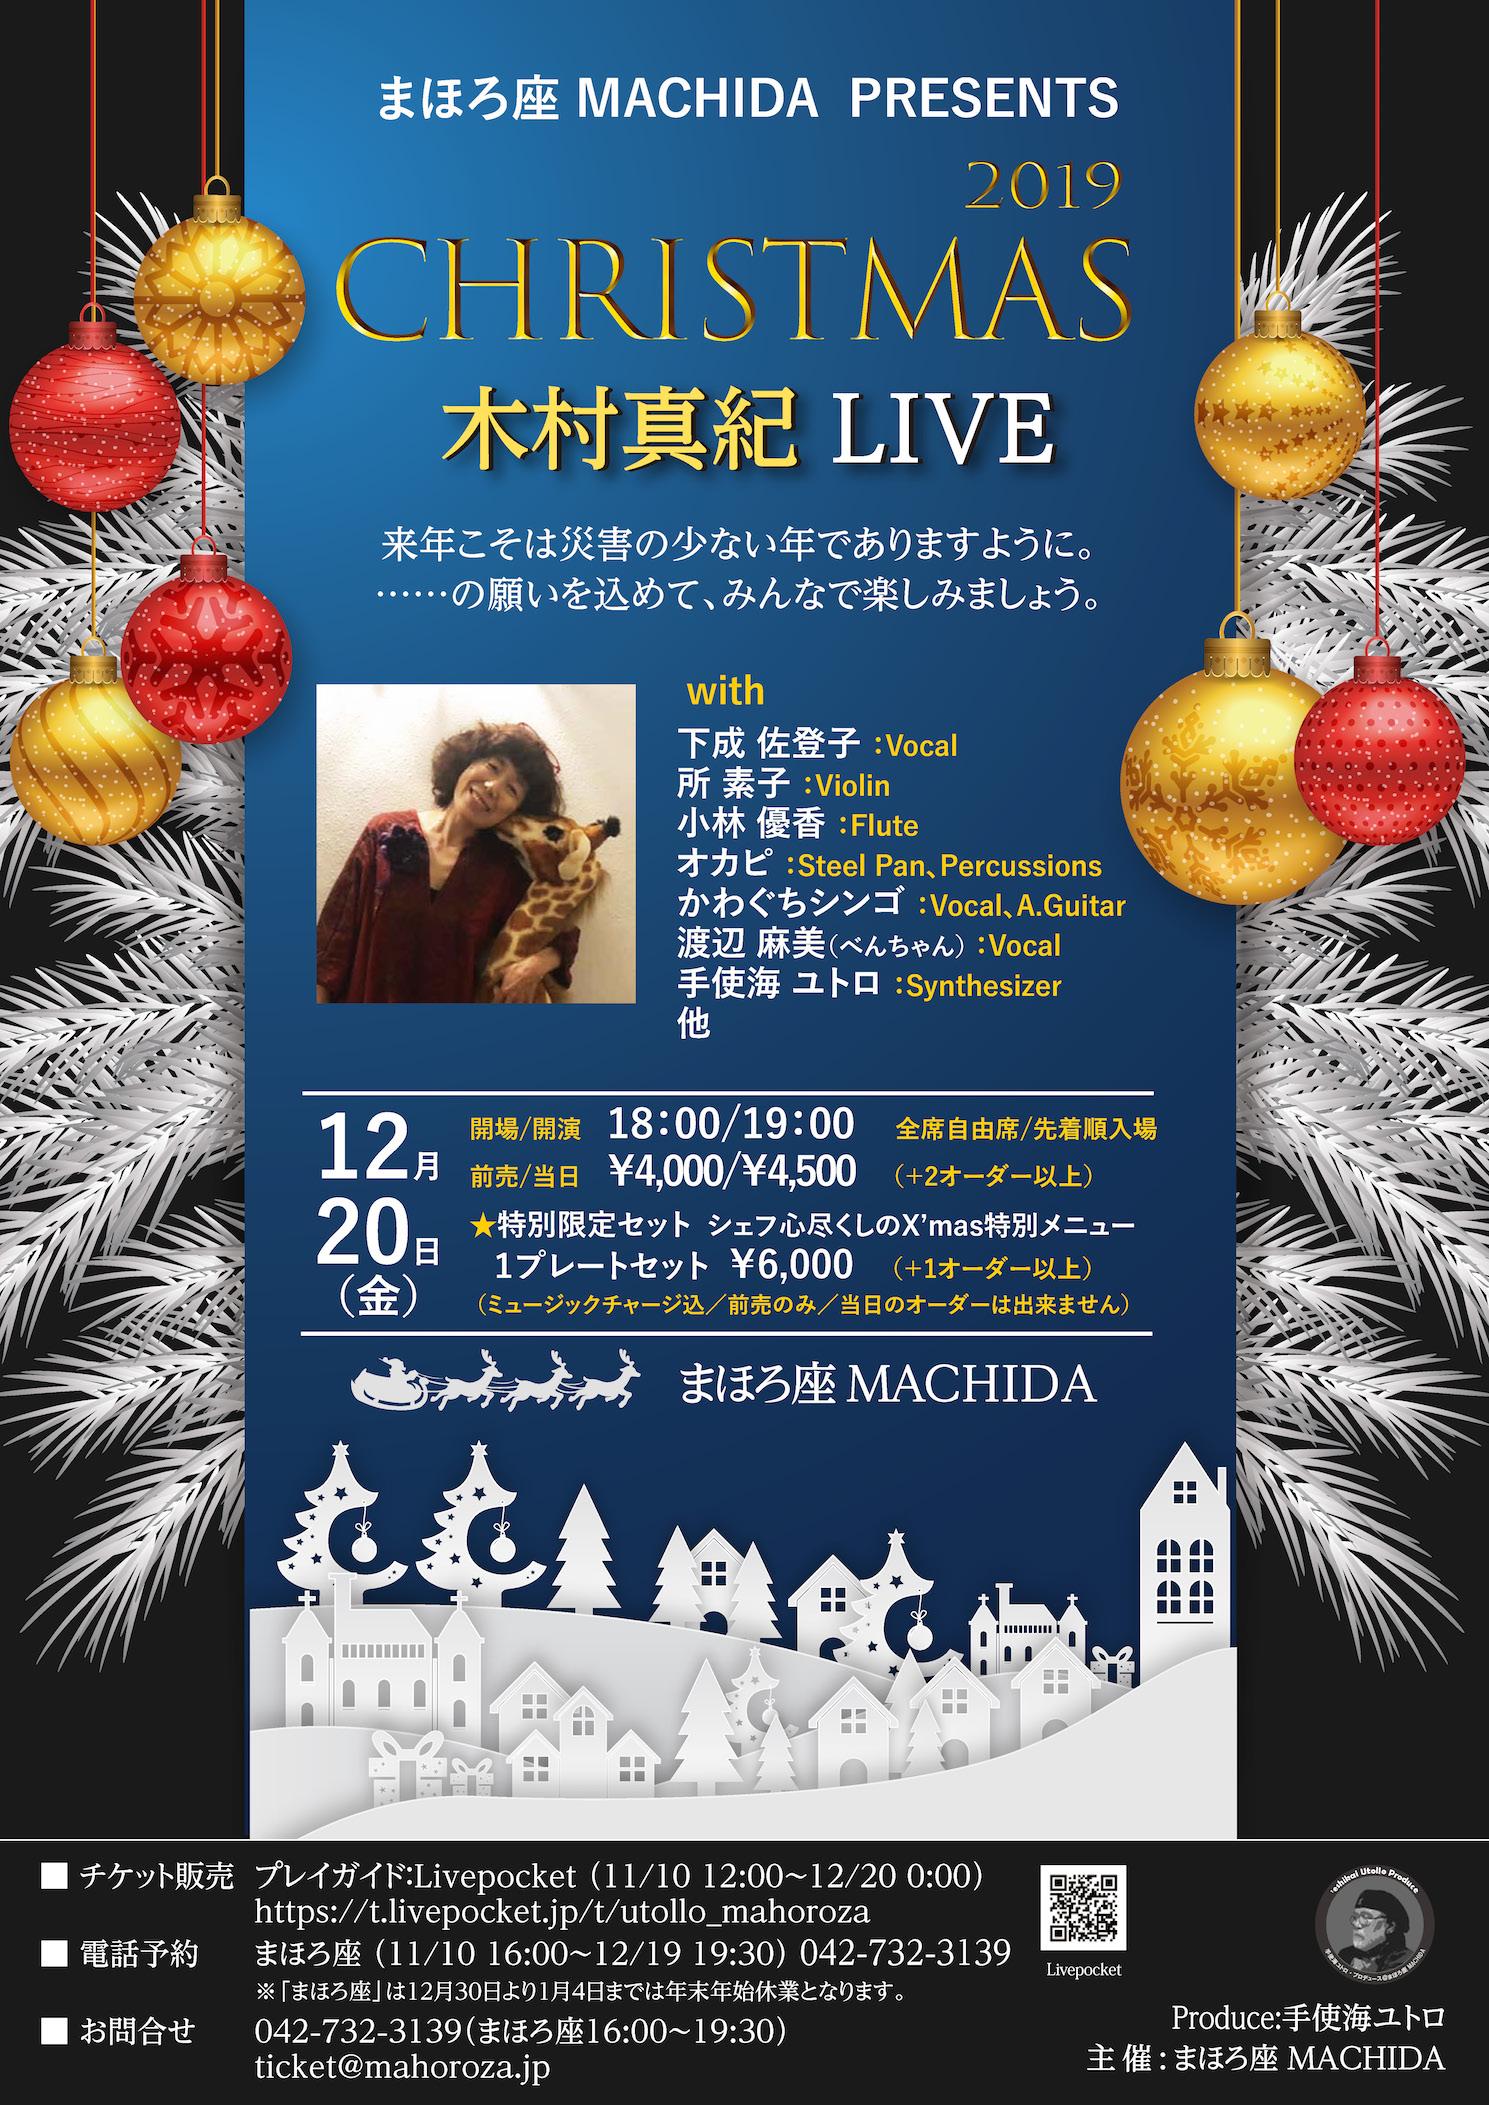 まほろ座 MACHIDA PRESENTS 「CHRISTMAS 木村真紀LIVE」